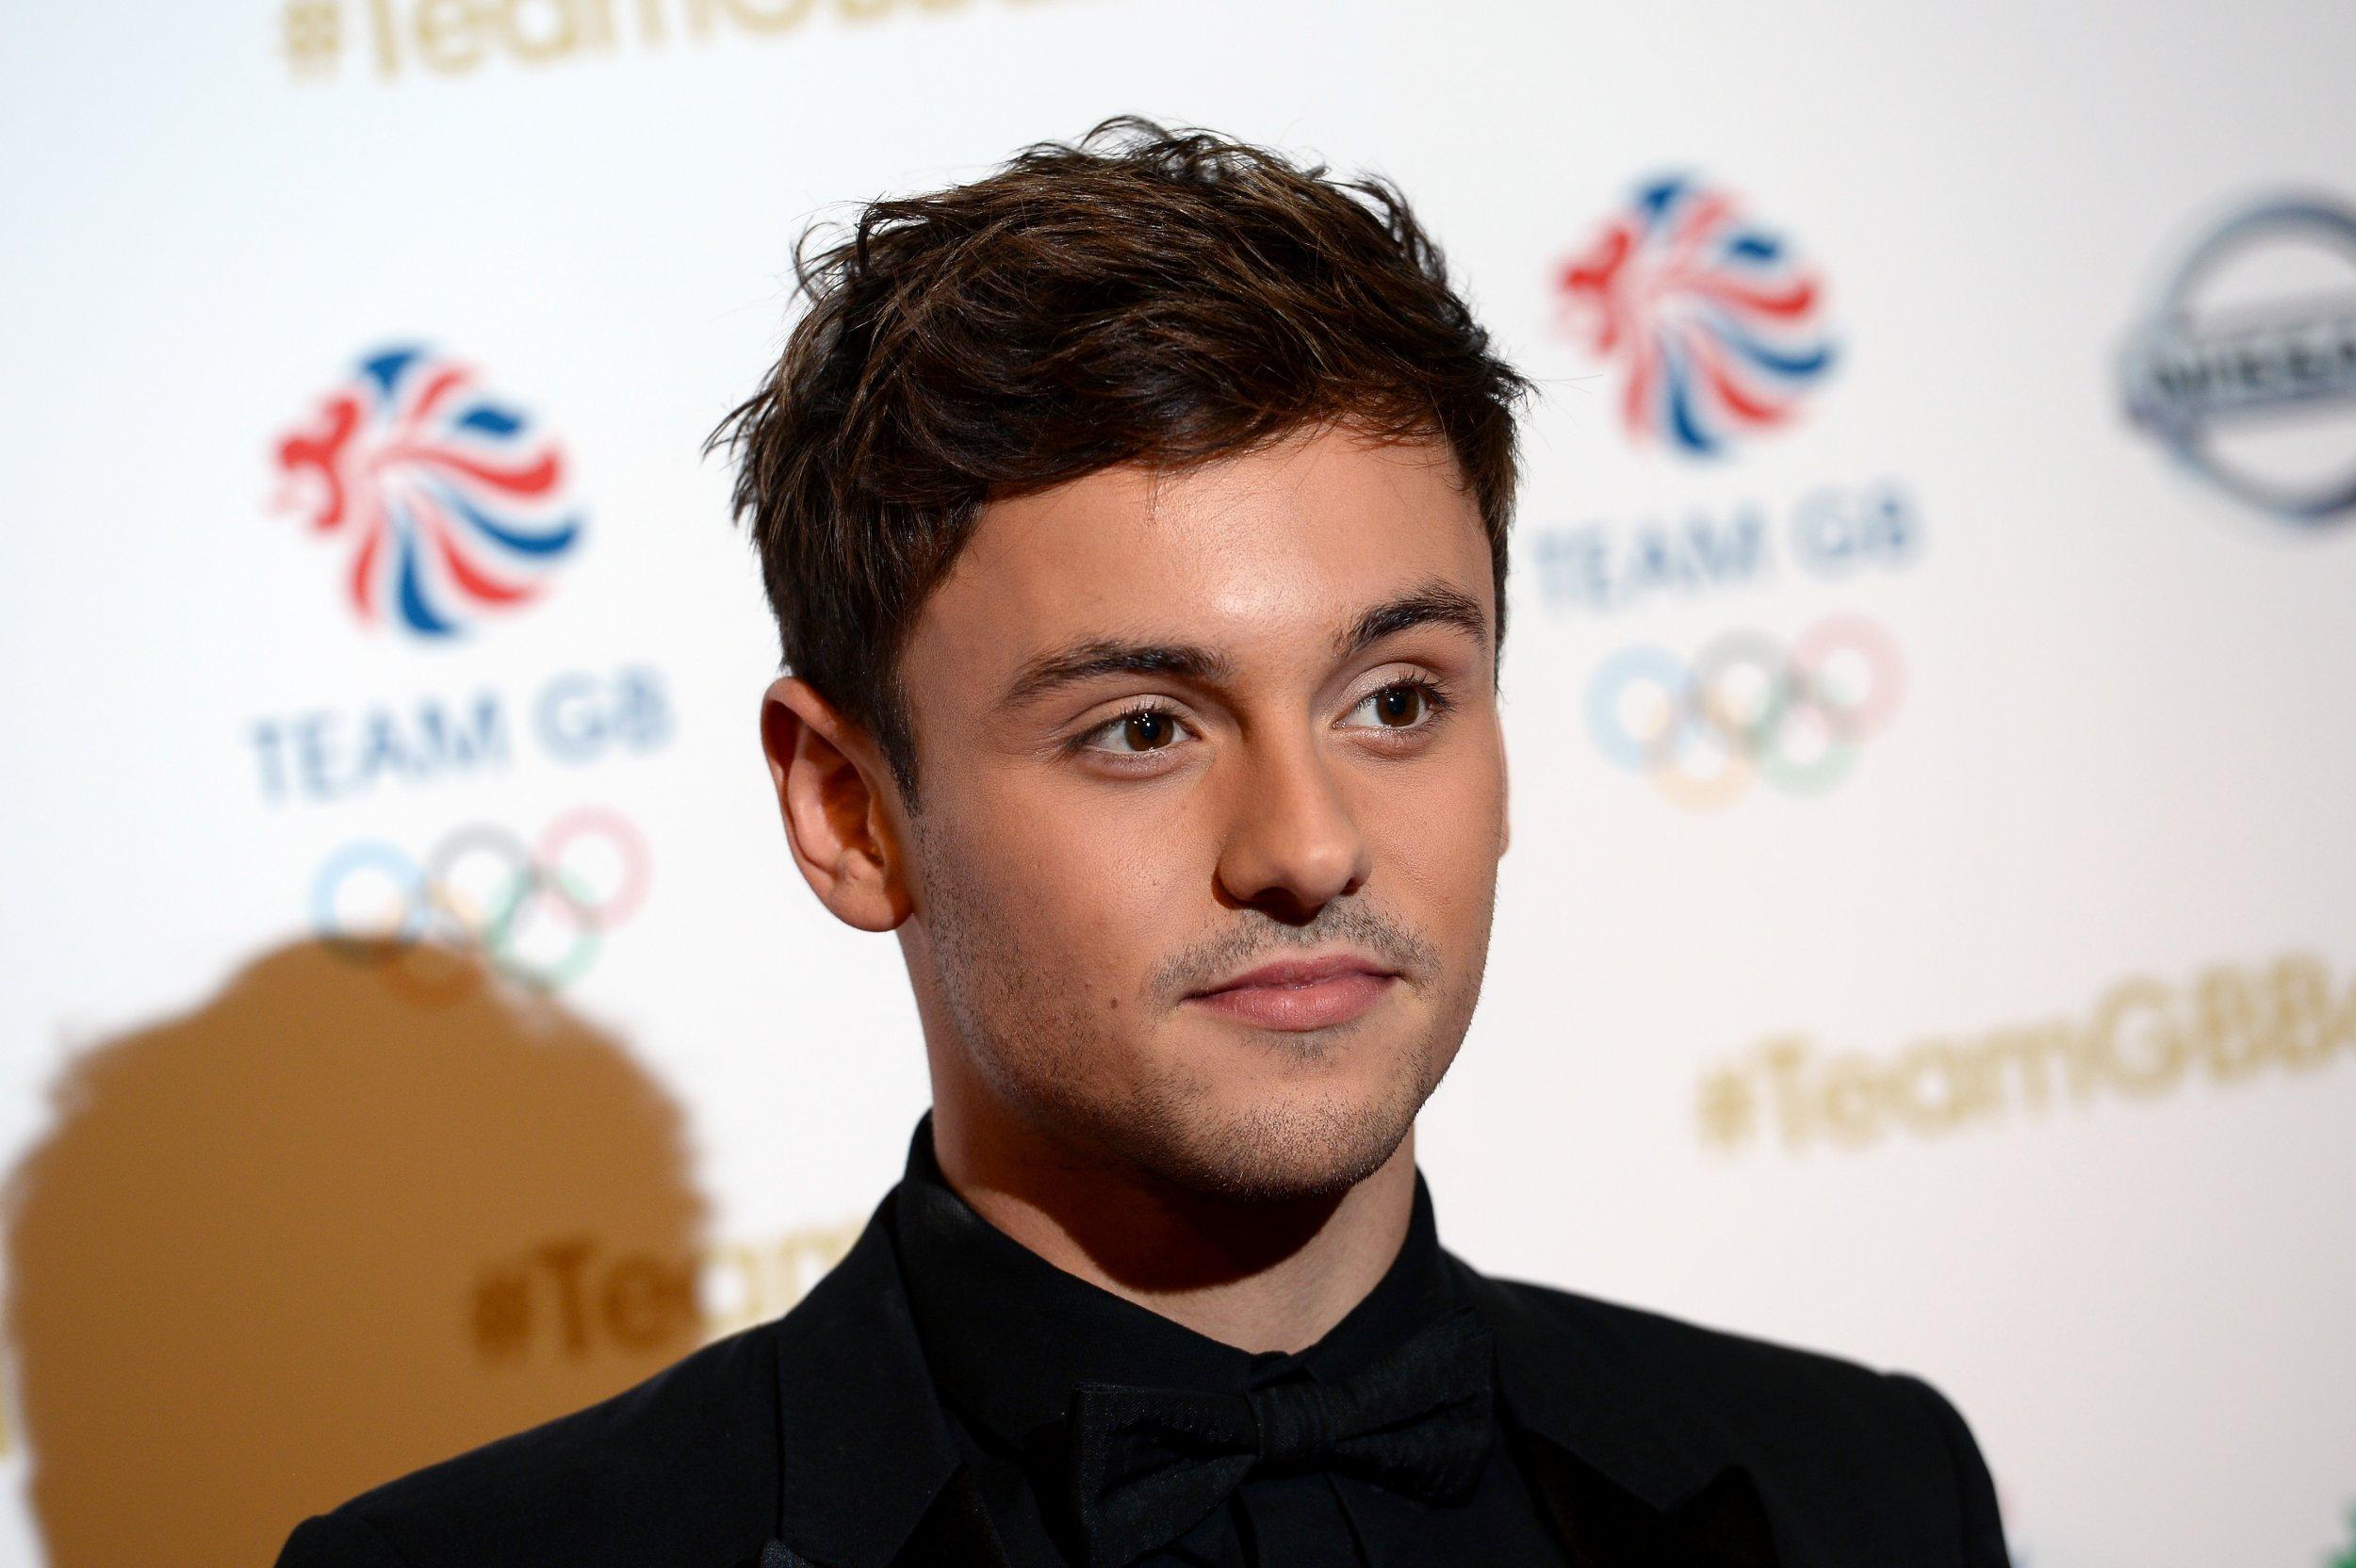 British Olympian Tom Daley